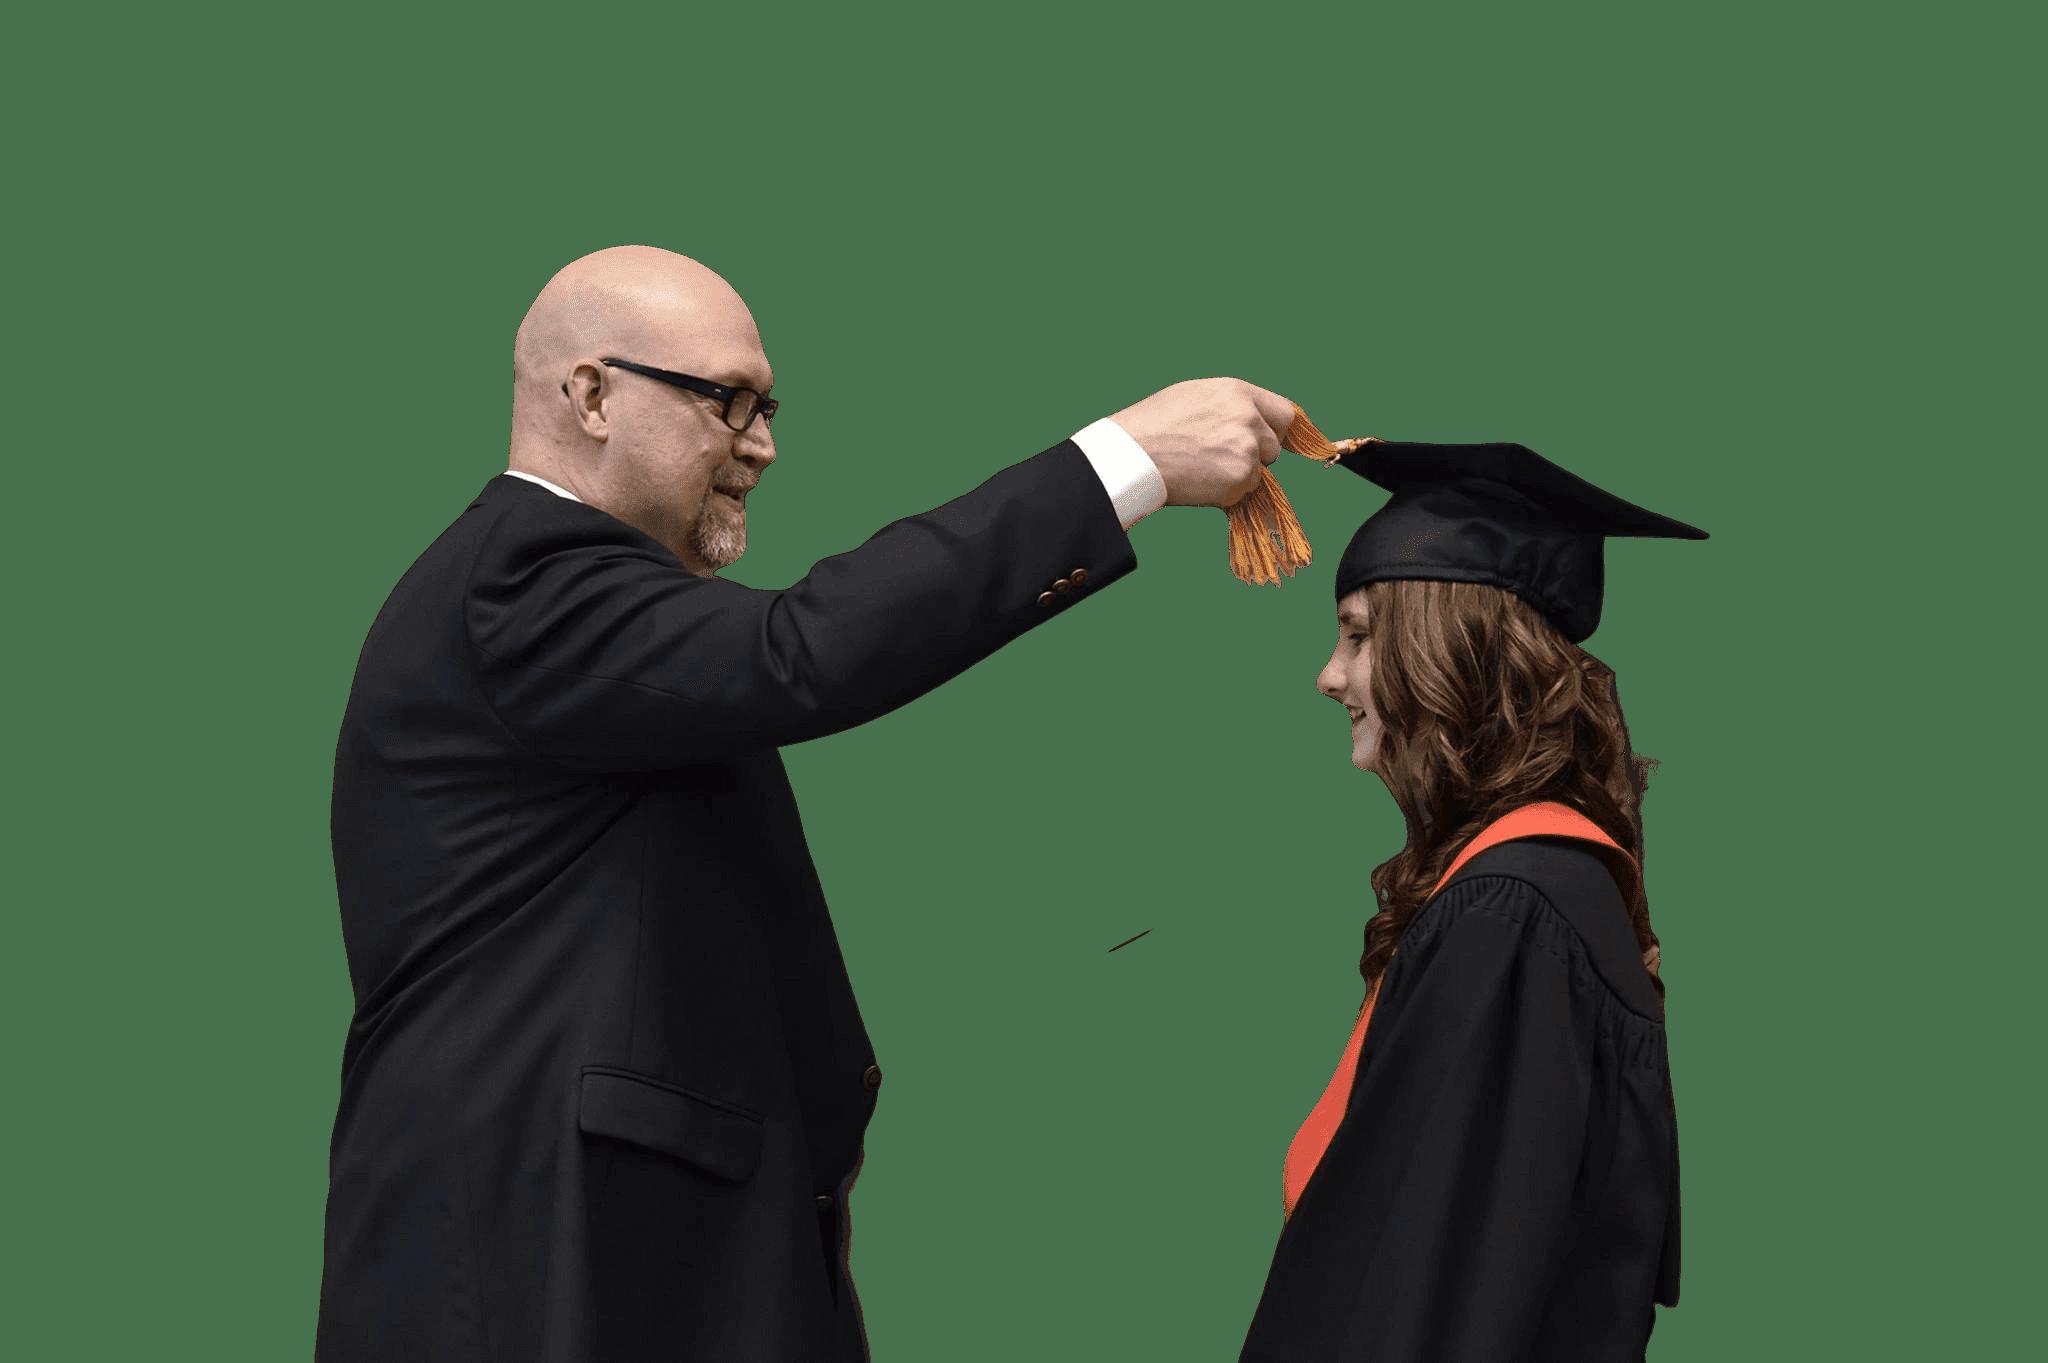 Under graduate Student